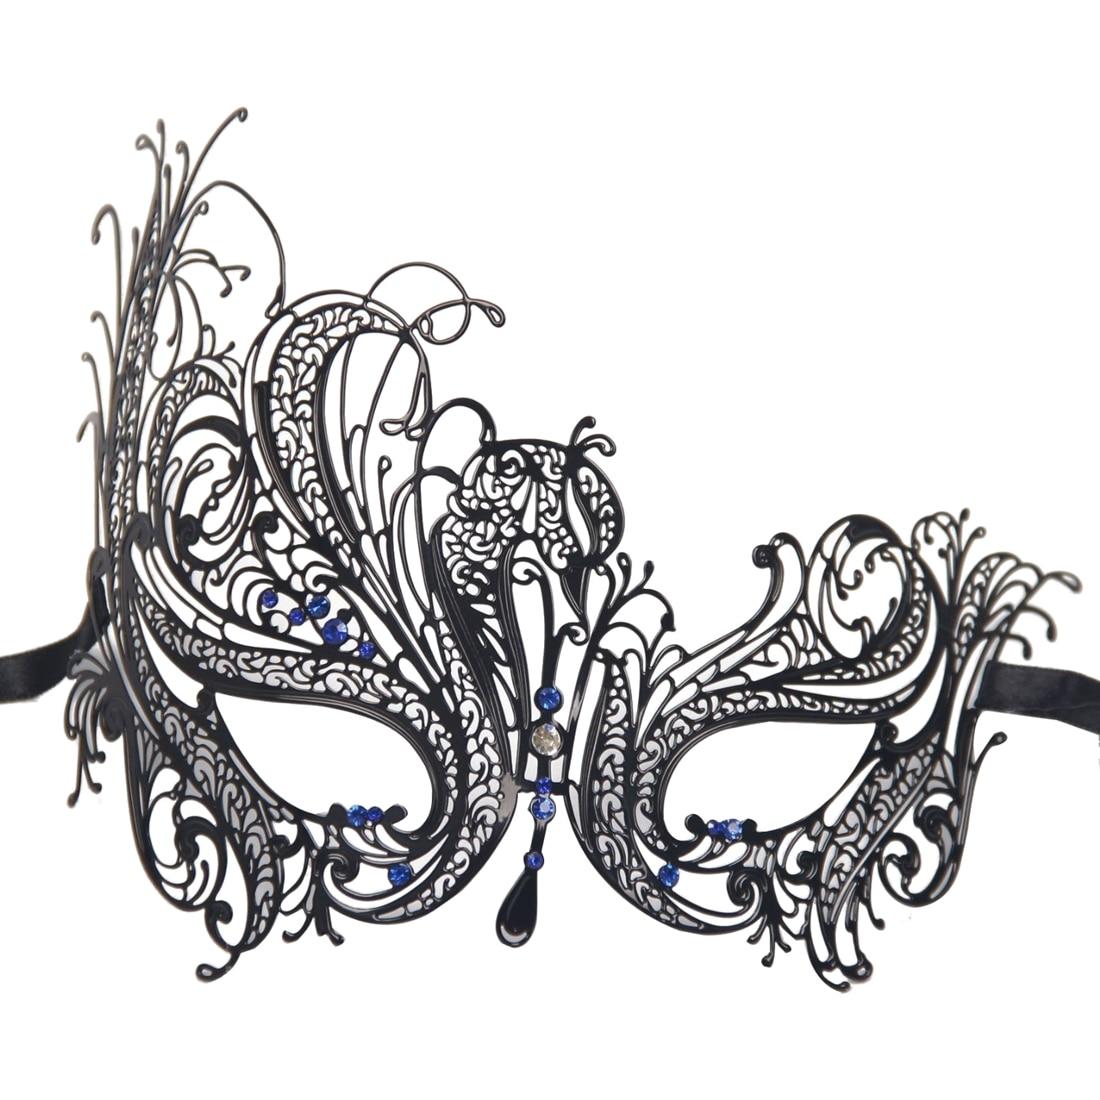 Metal Laser Cut Hollow Mask Black